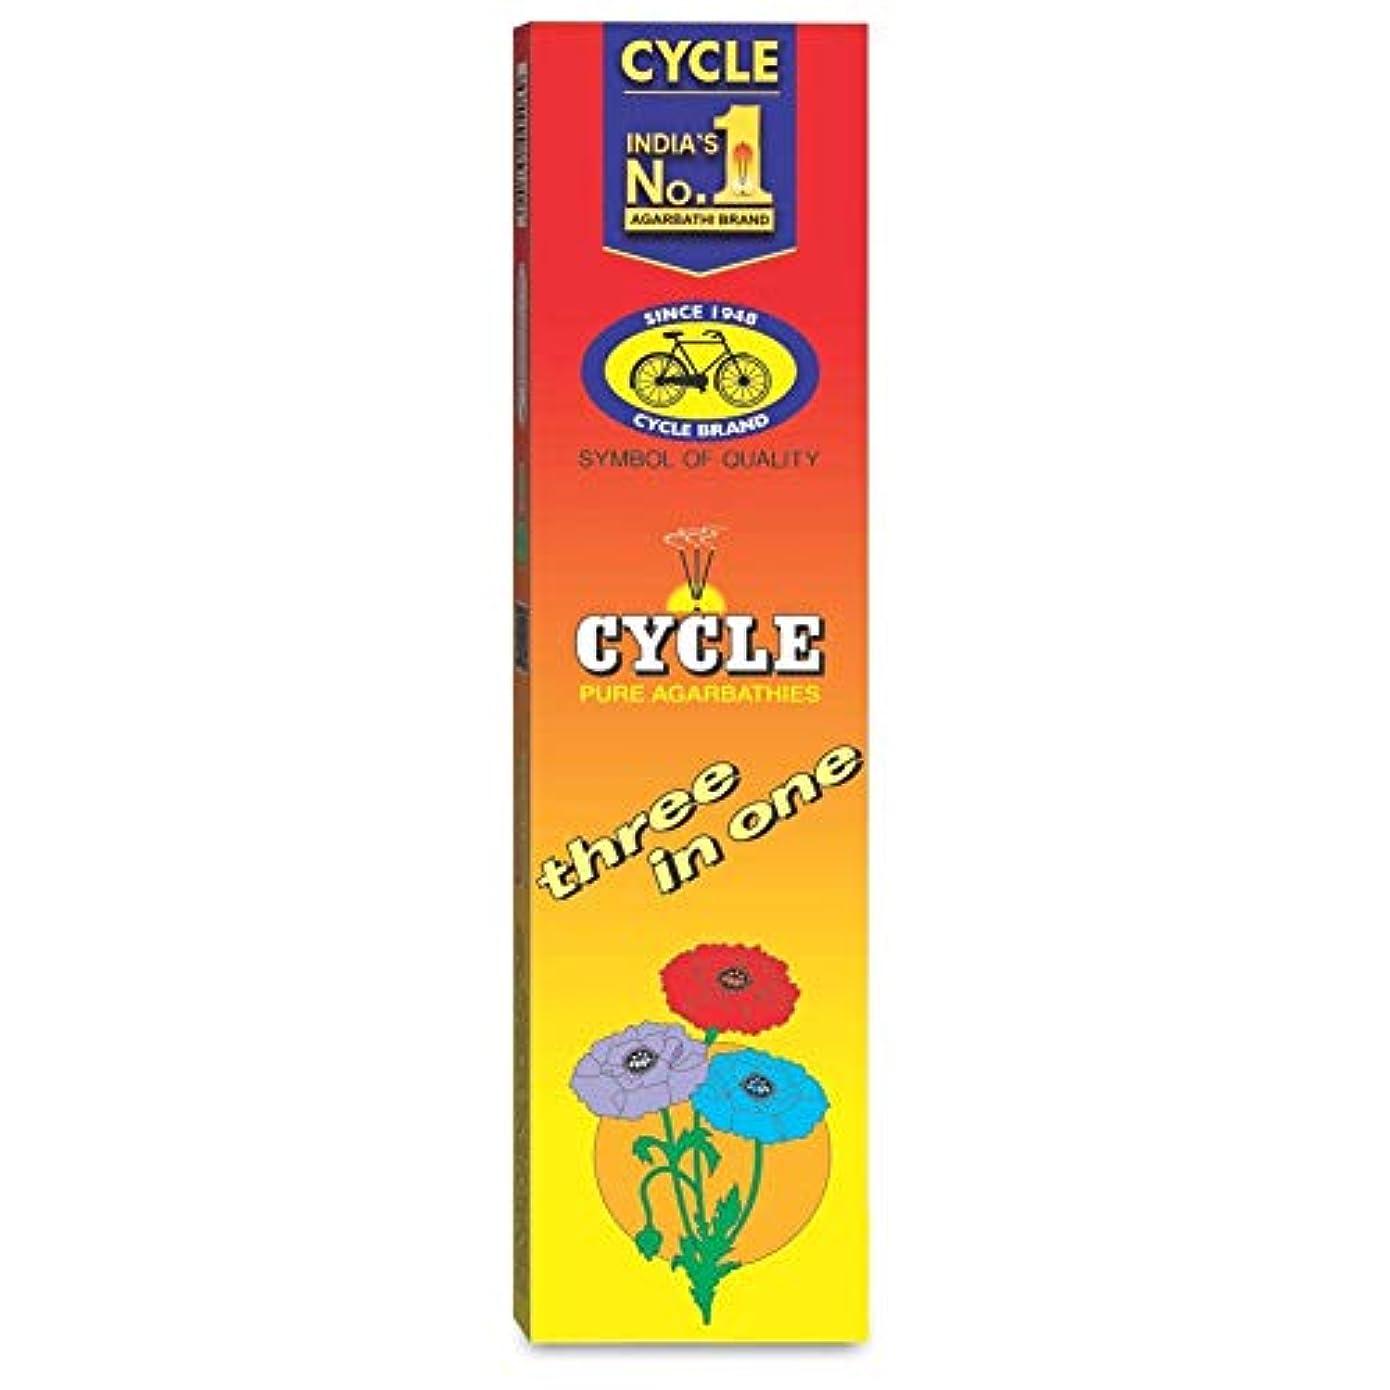 拍手するコンベンション道に迷いましたCycle Pure Agarbathies Three In One Classic Fragrance Incense Sticks - 240 Grams Free Soap Offer